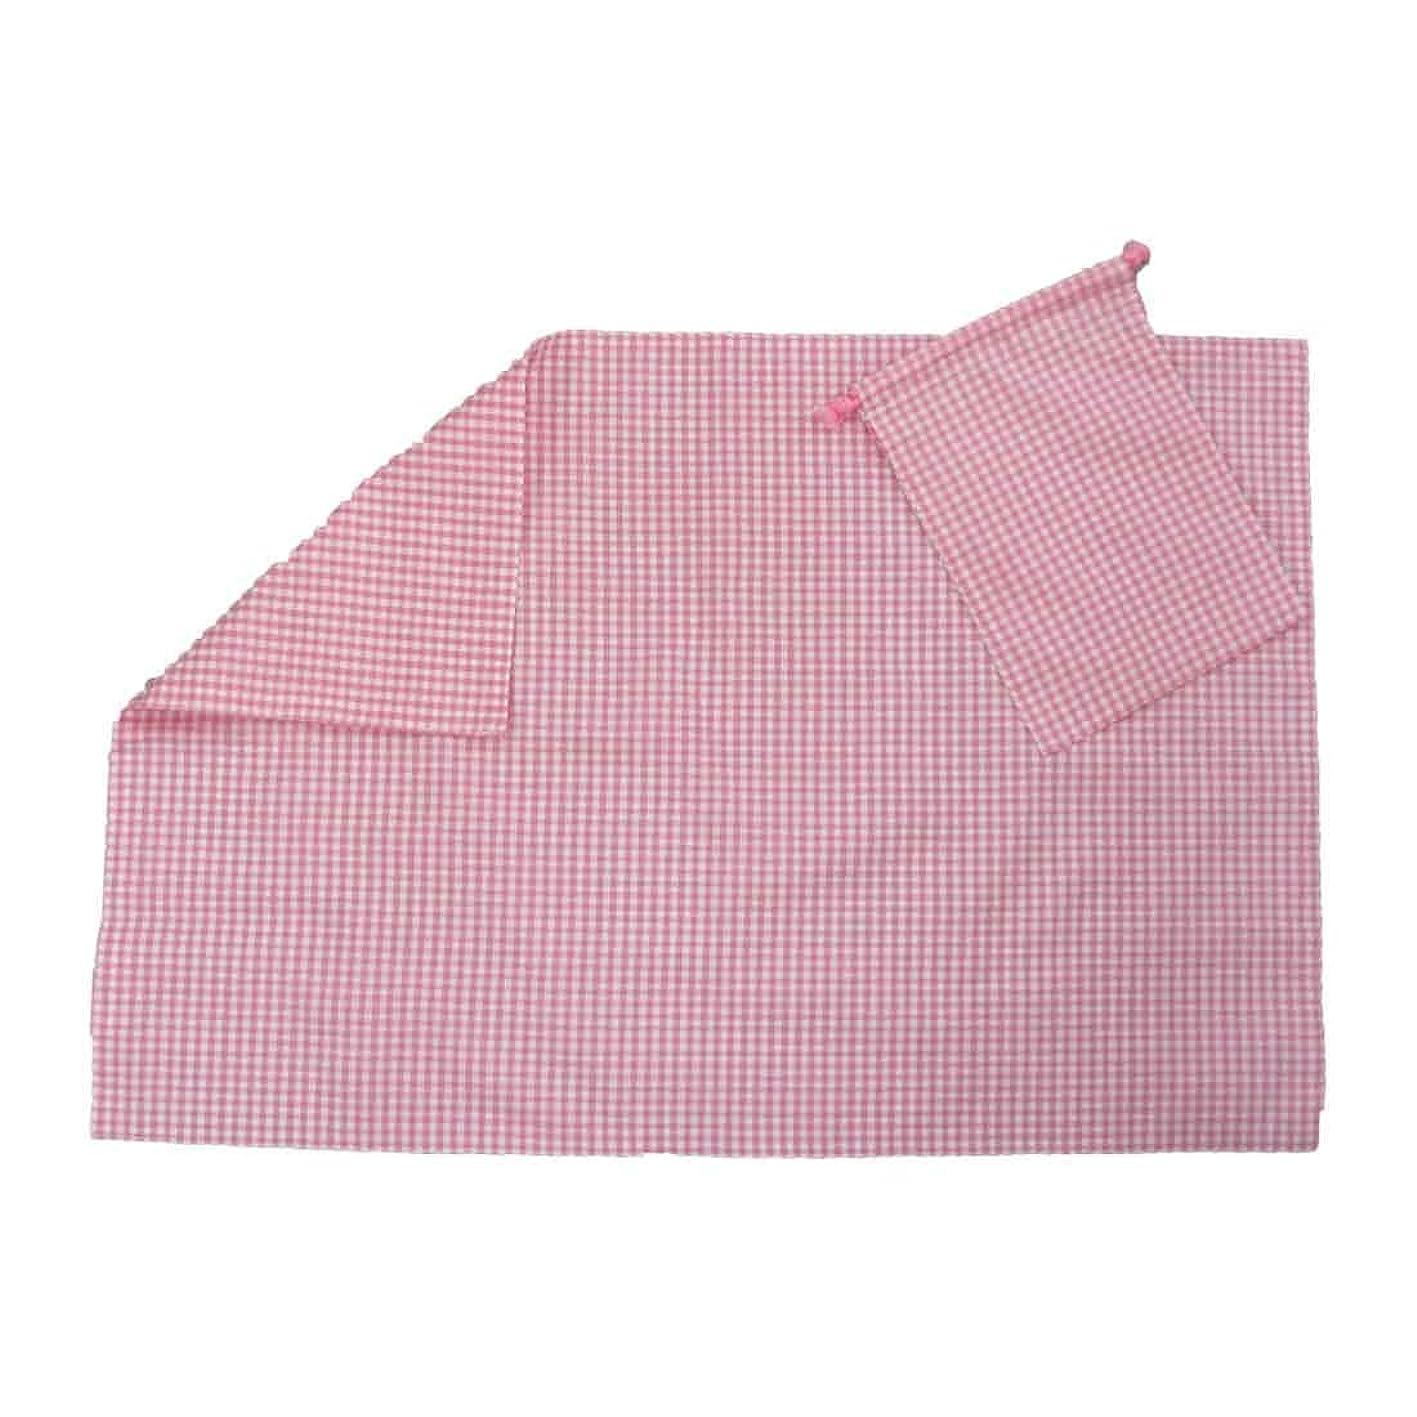 海賊コットン情熱的ランチマット ランチョンマット ピンクギンガムチェック 大きいサイズ 給食用 リバーシブル ランチマットセット 袋付き 巾着 収納 お弁当 入園 入学